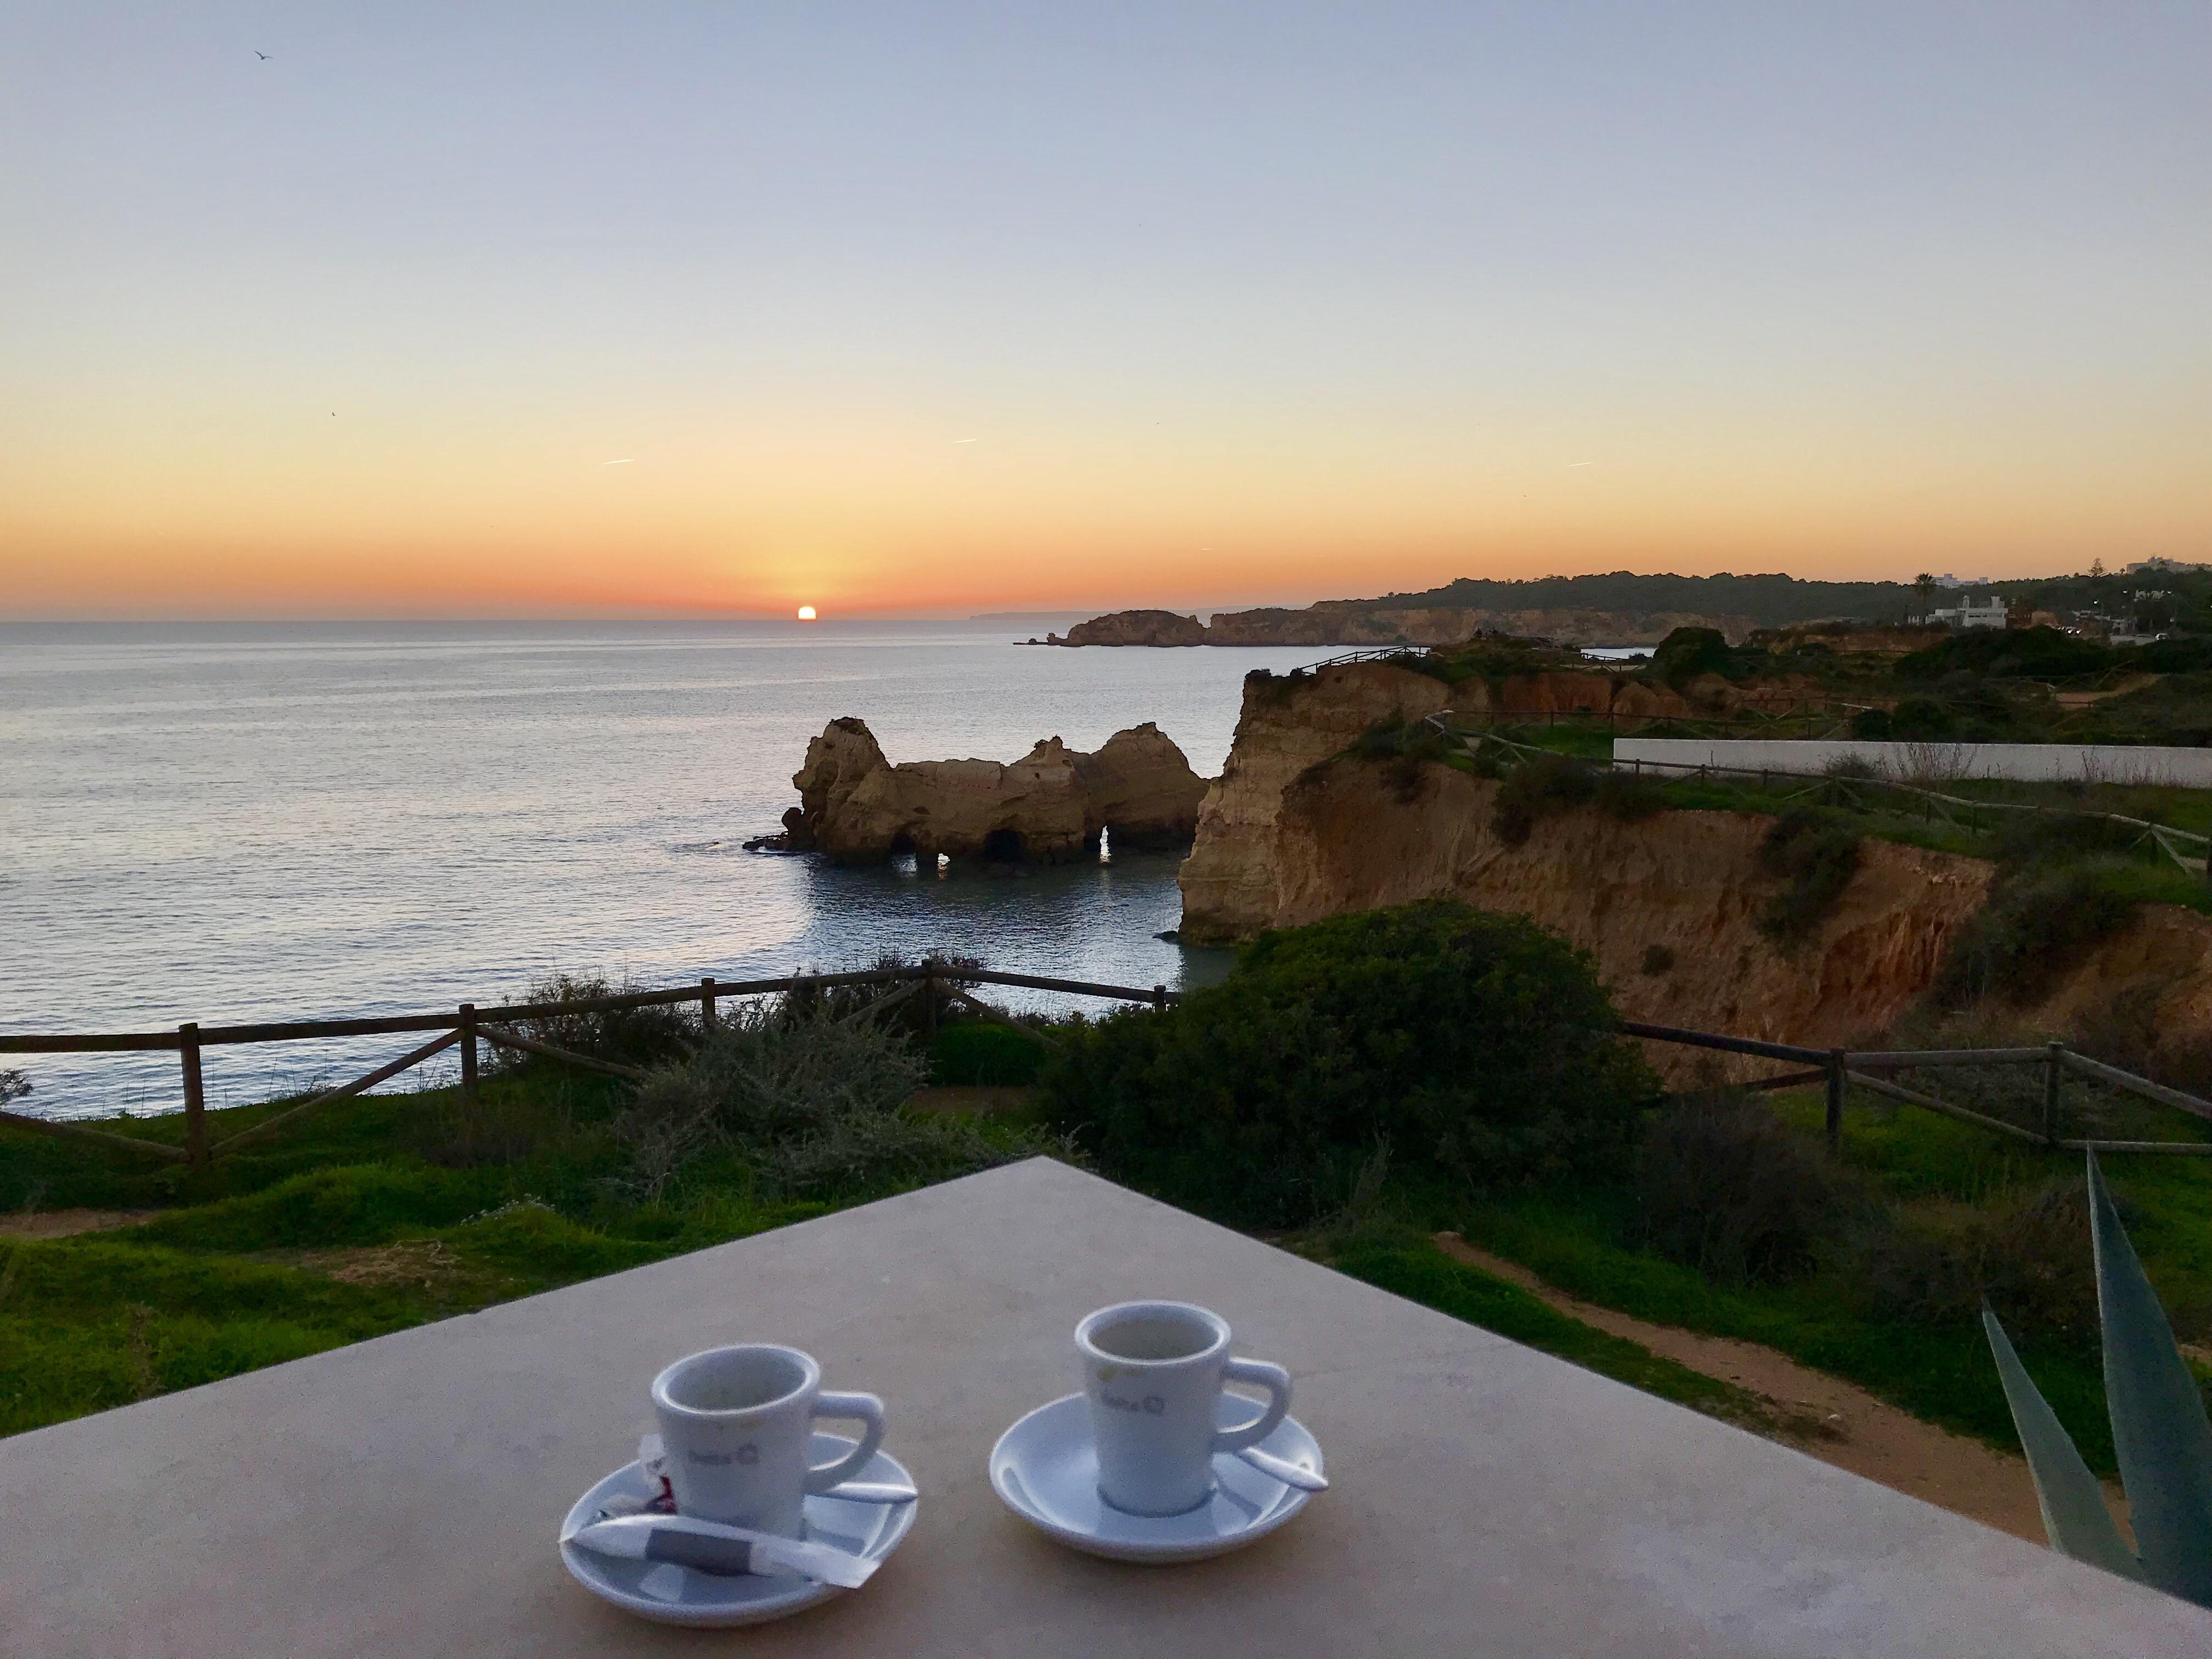 Sonnenuntergang an der Praia da Rocha